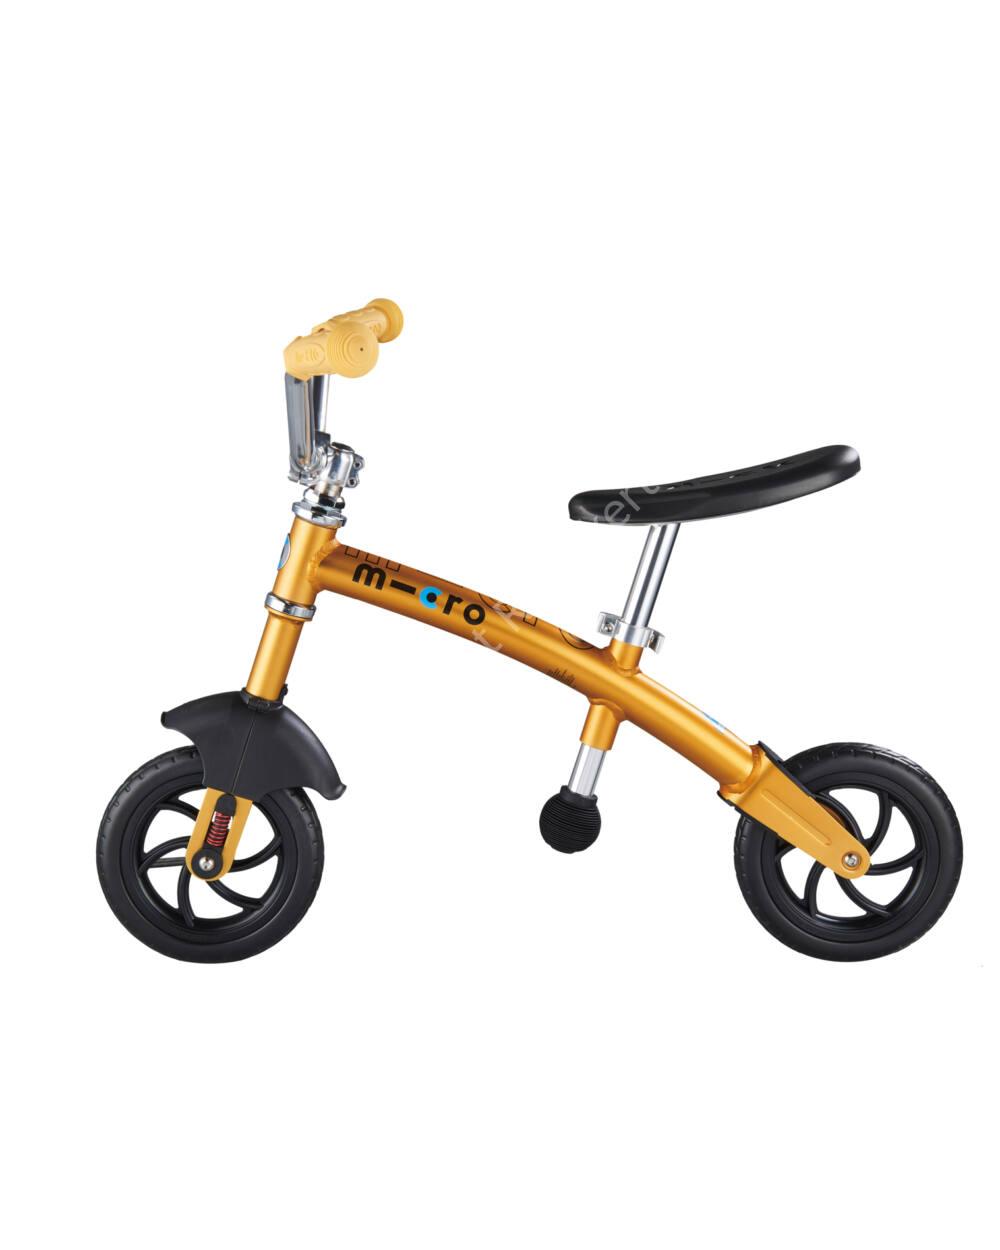 Micro 2in1 G-Bike Chopper Deluxe futóbicikli, sárga